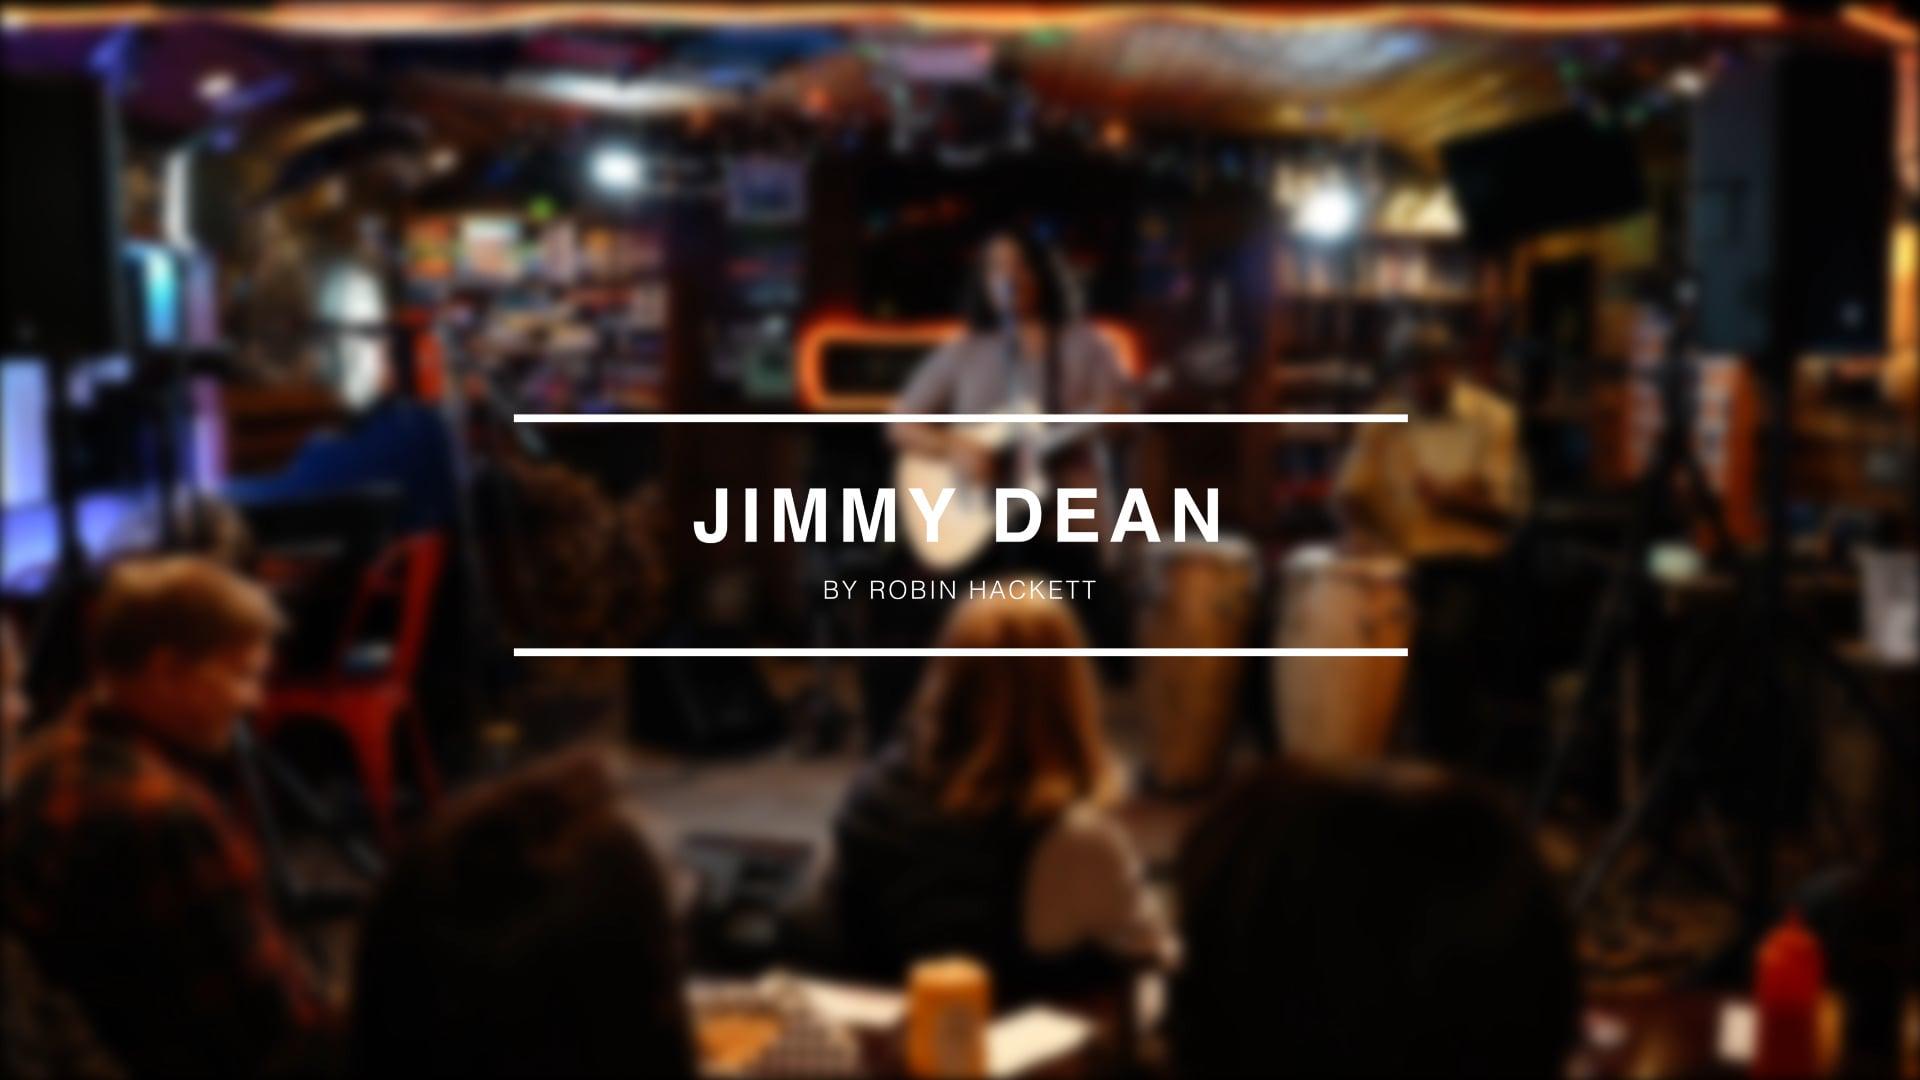 Robin Hackett - Jimmy Dean